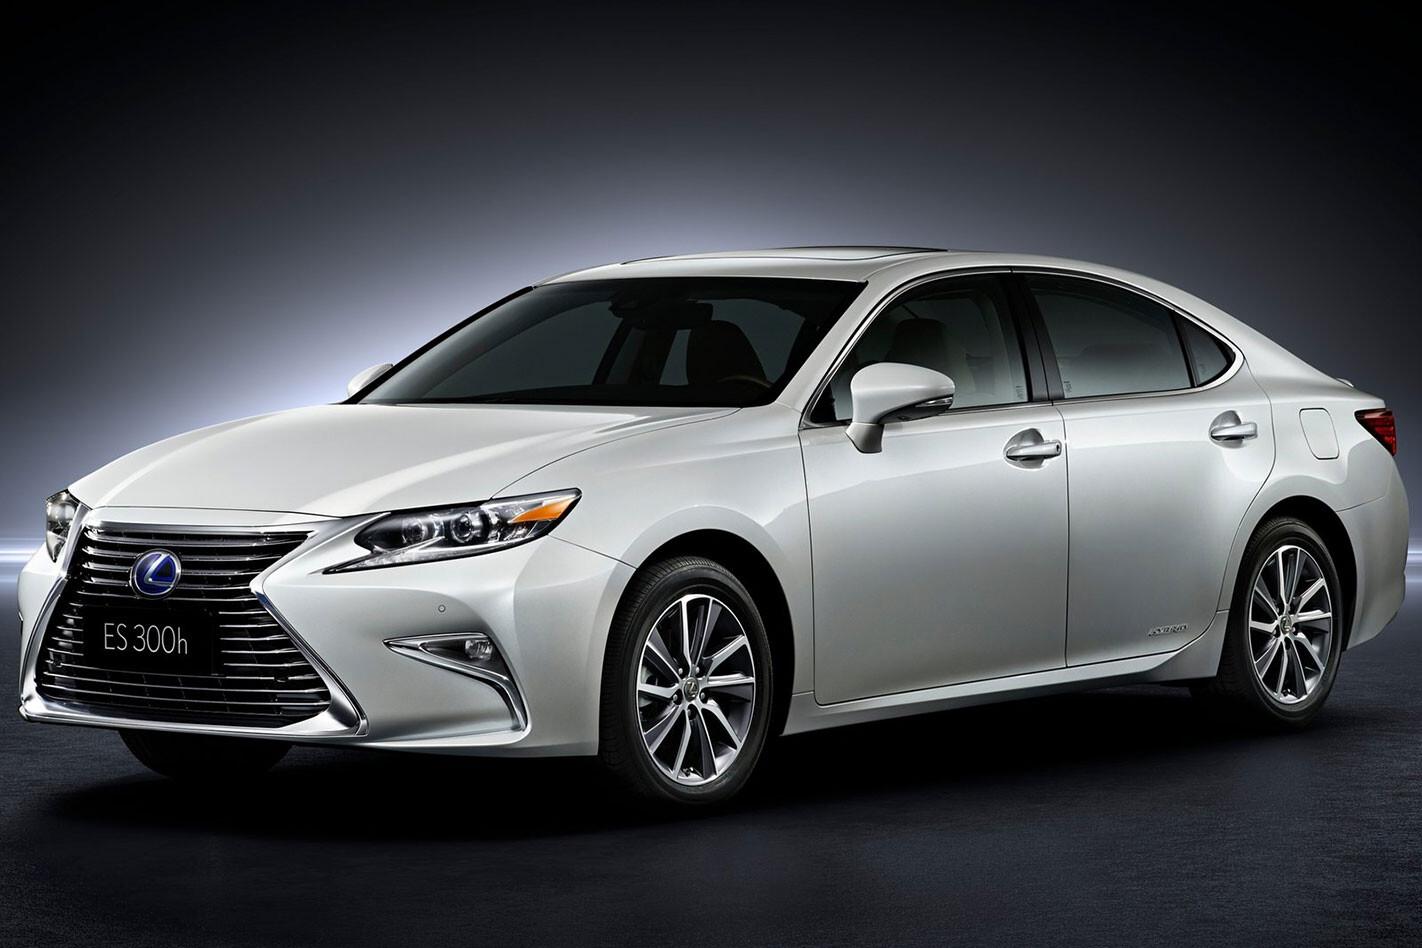 2015 Lexus ES facelift